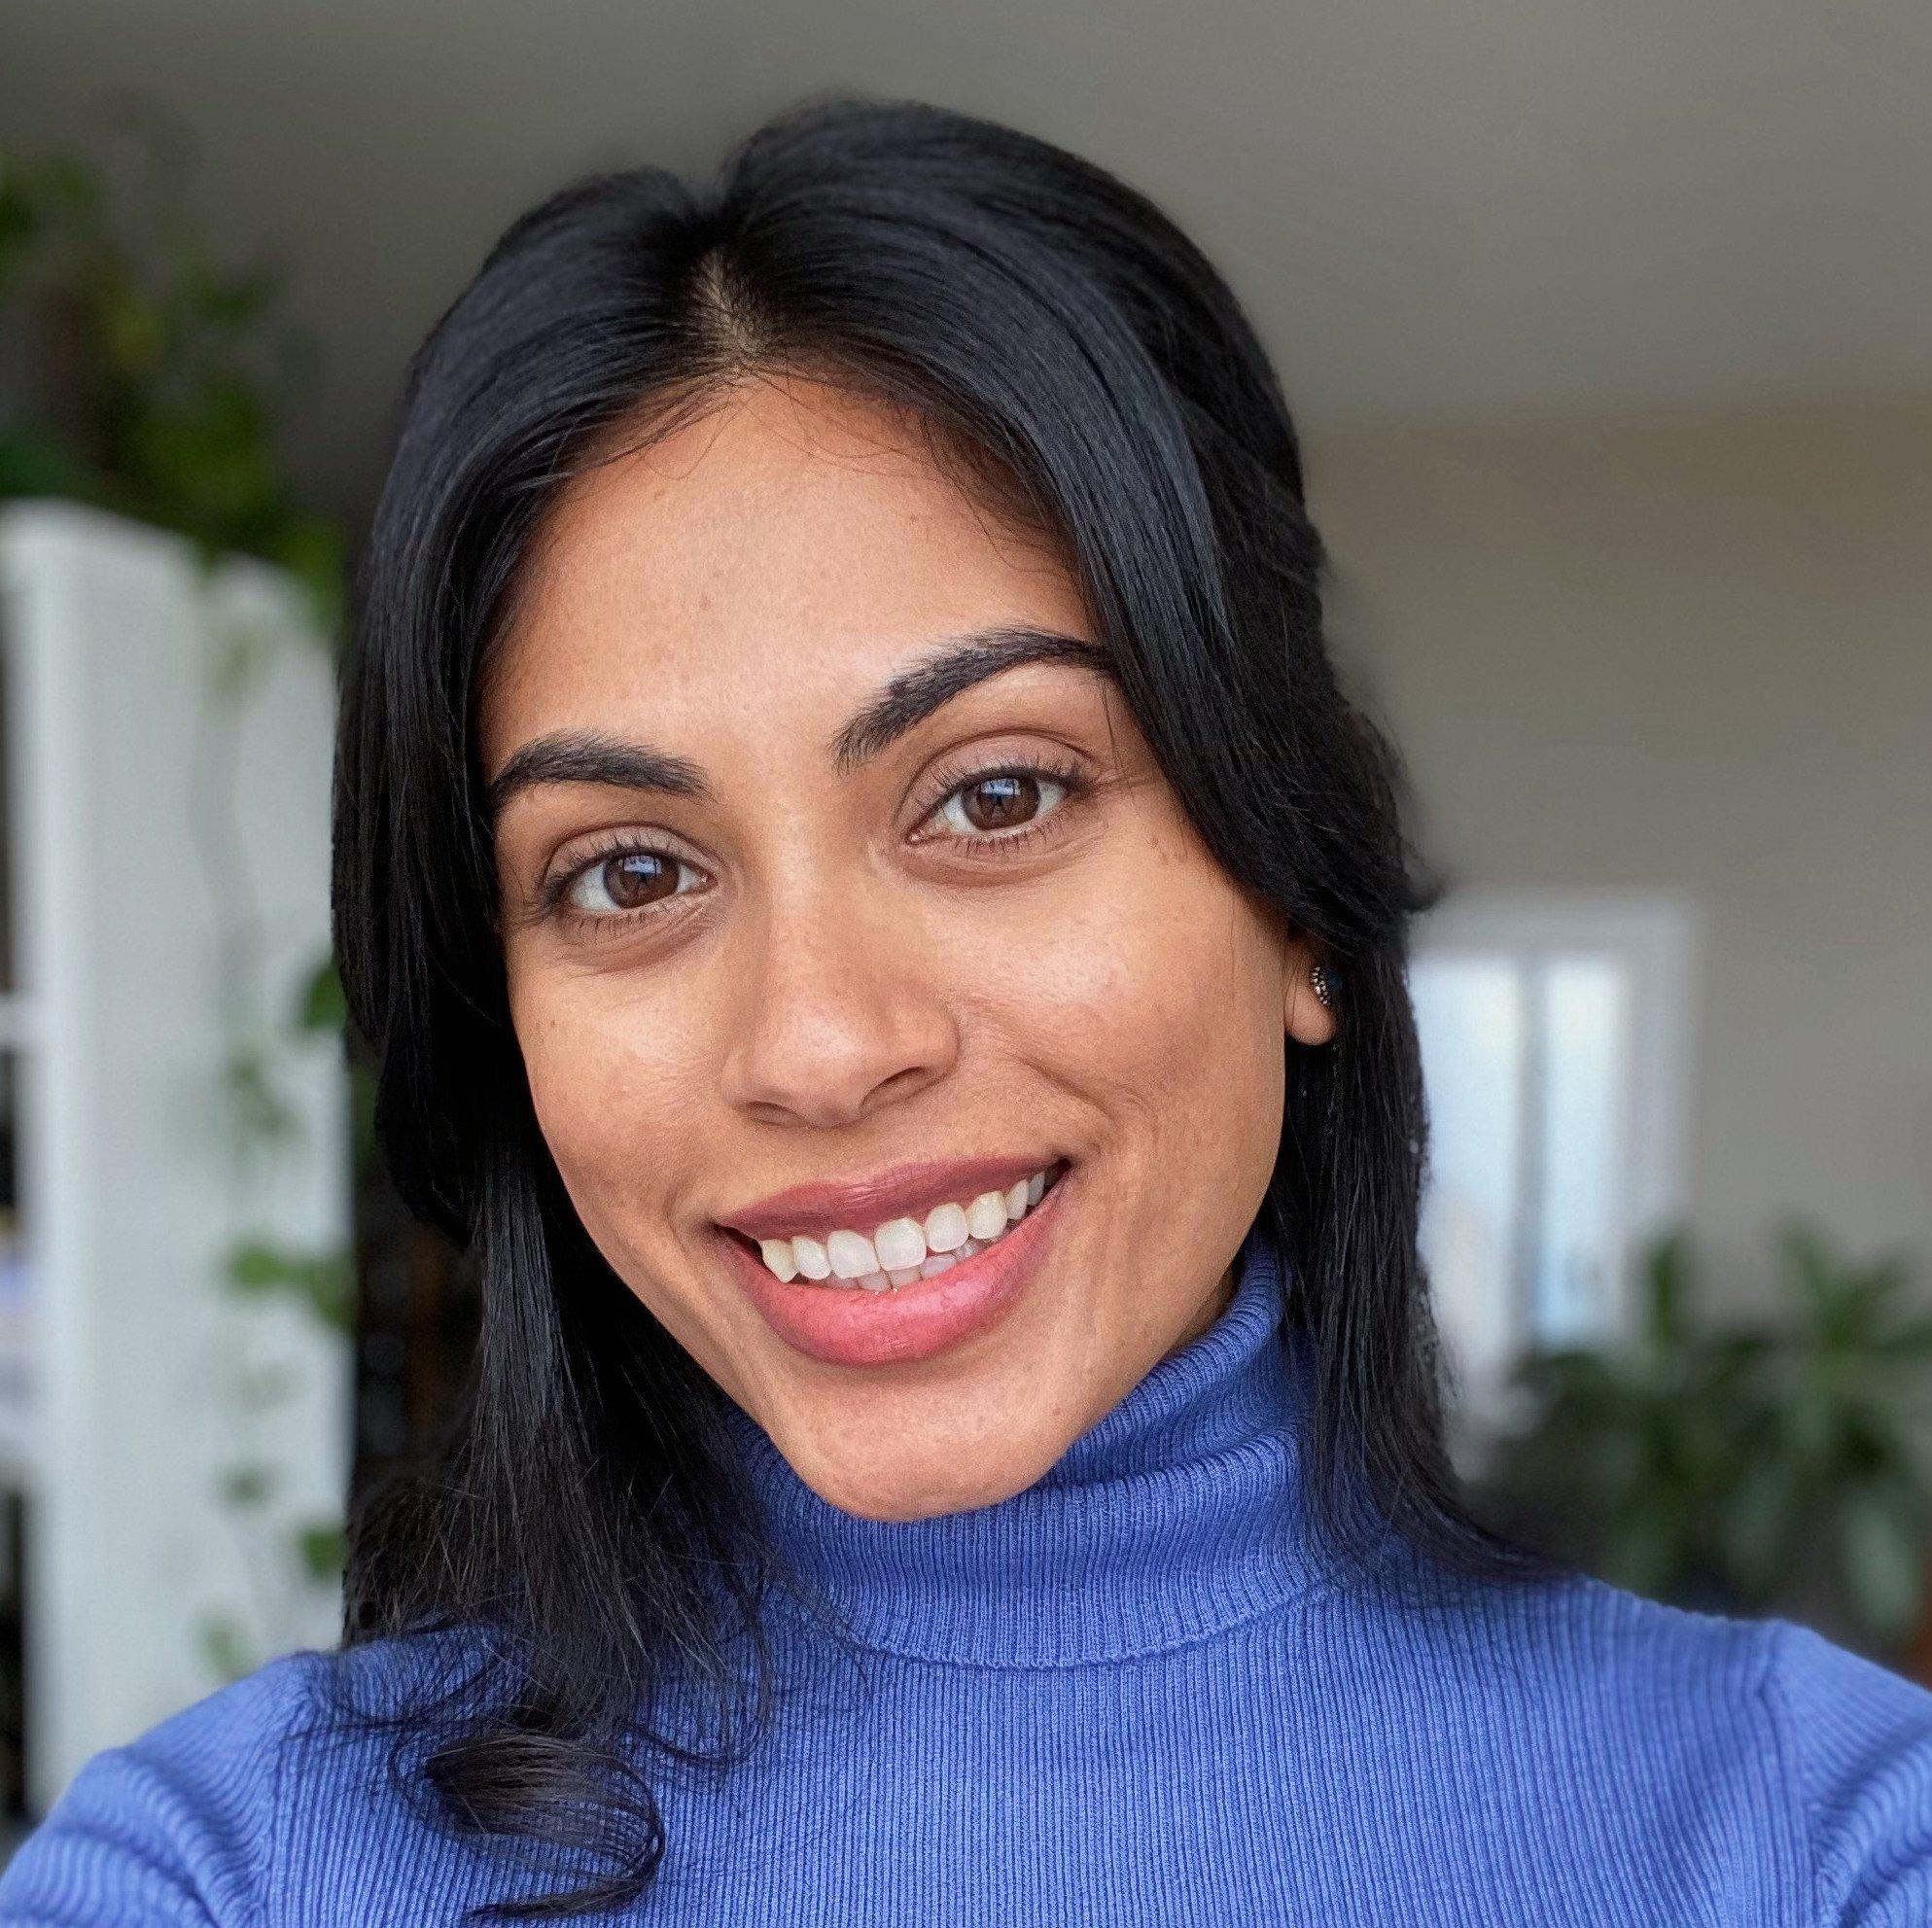 Priya Patel photo